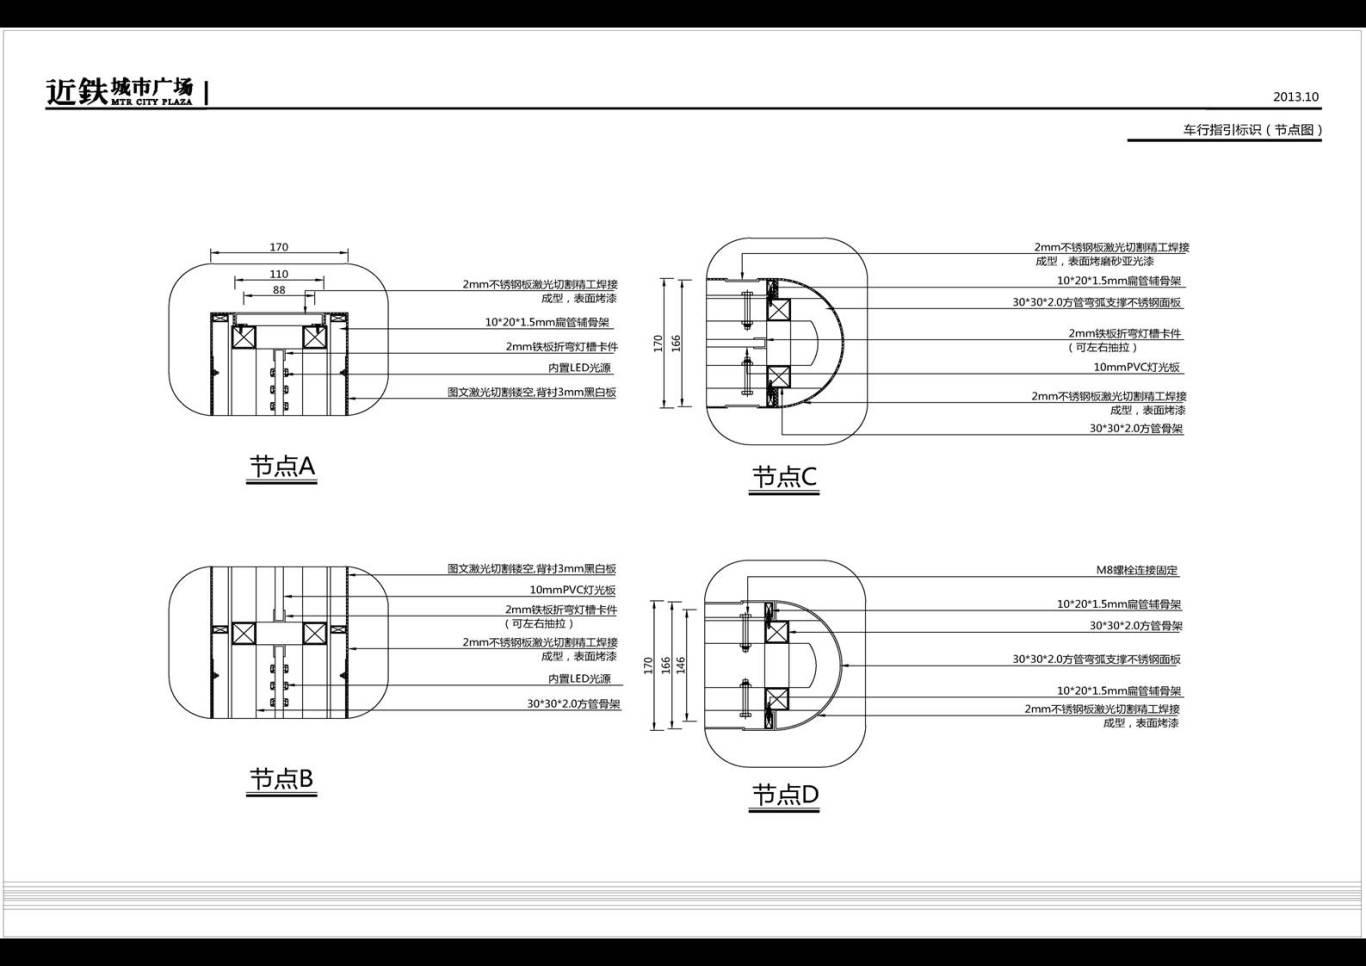 近铁城市广场环境导示设计方案图9